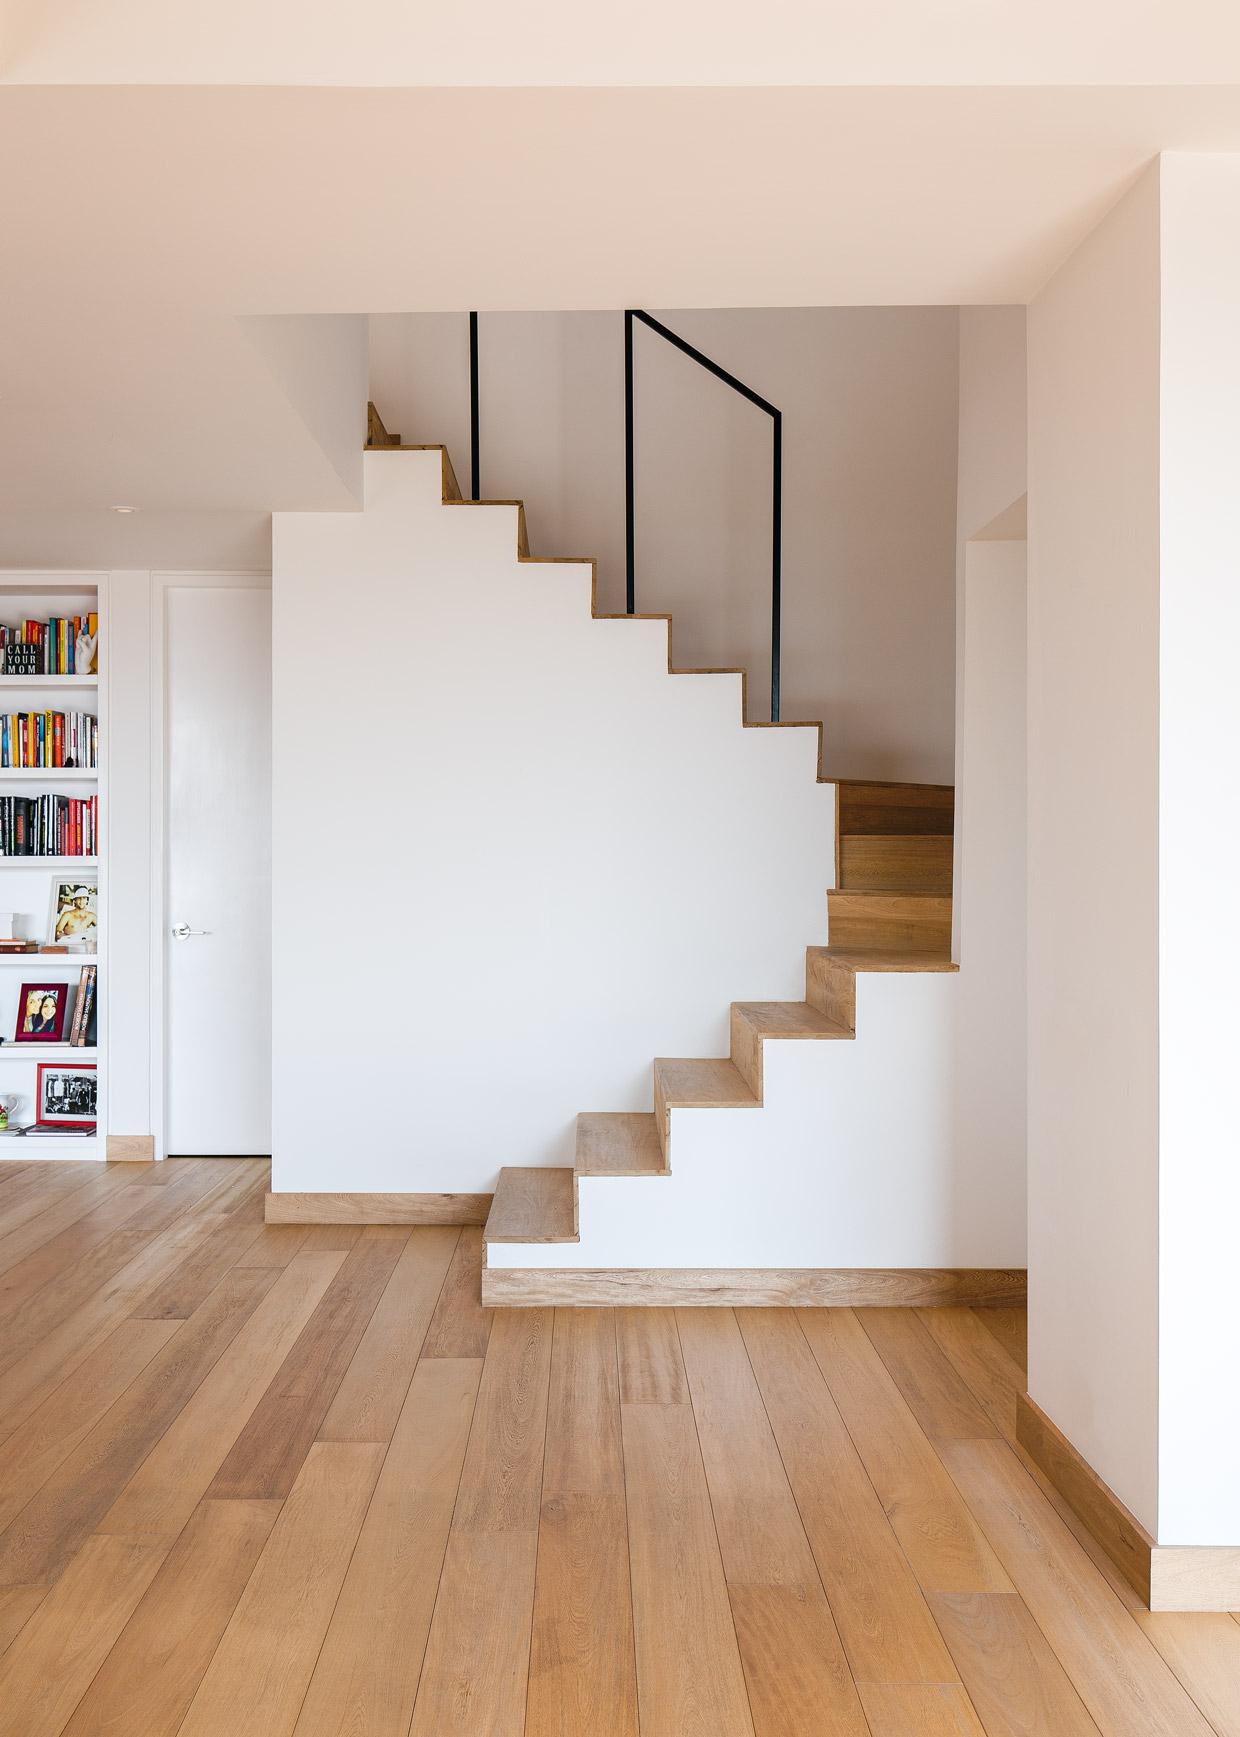 07.studiomanrique.simonbosch.photography.bogota.interior.duquearquitectura